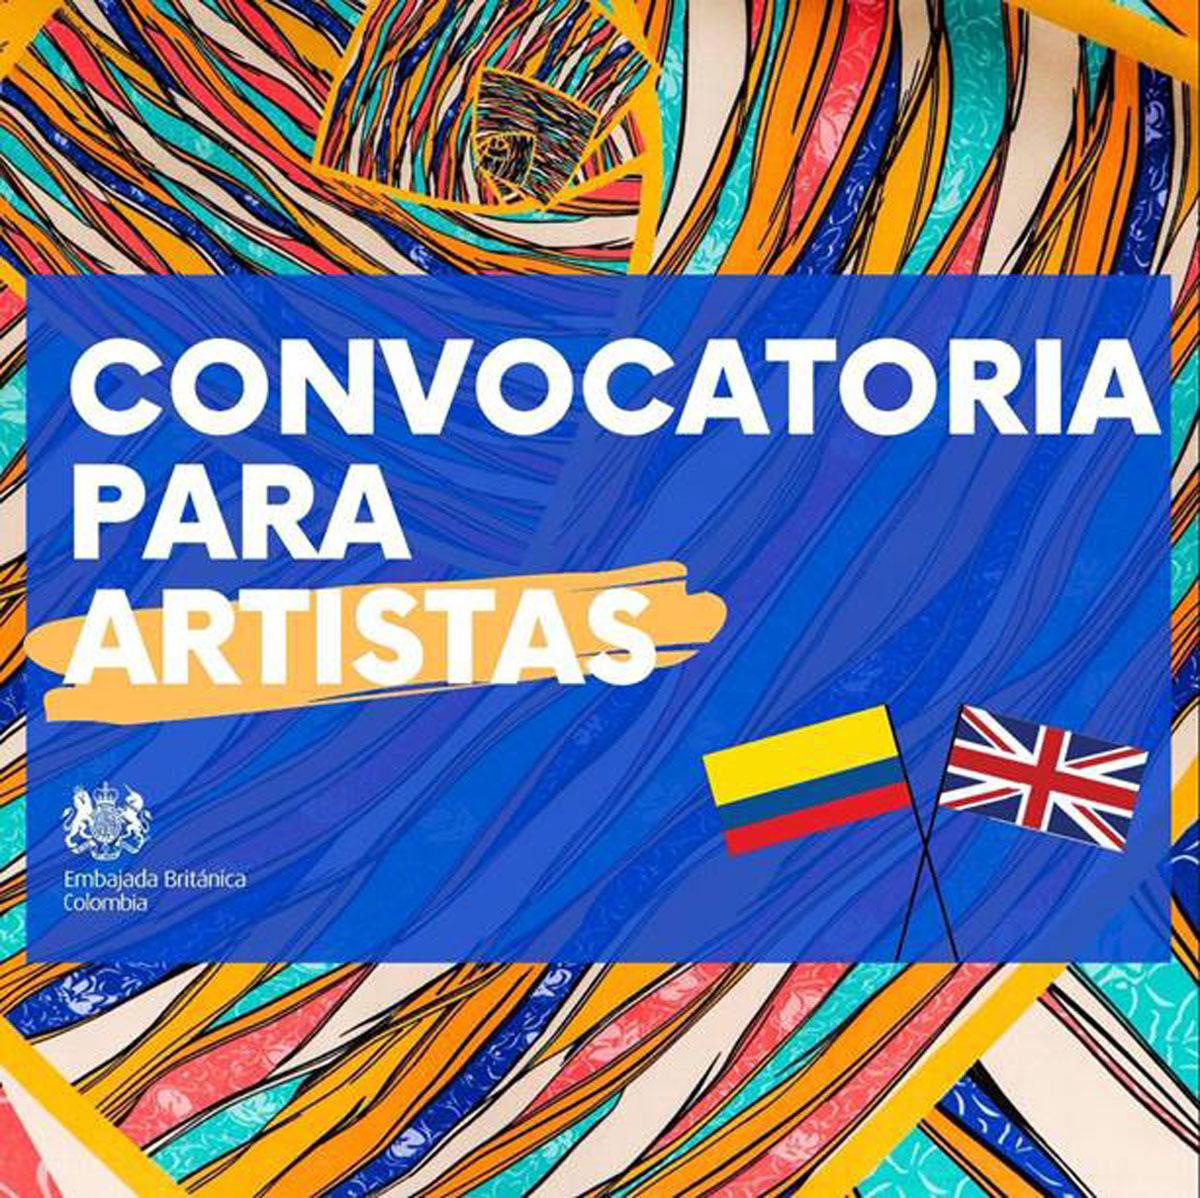 Convocatoria para artistas- Embajada Británica Colombia